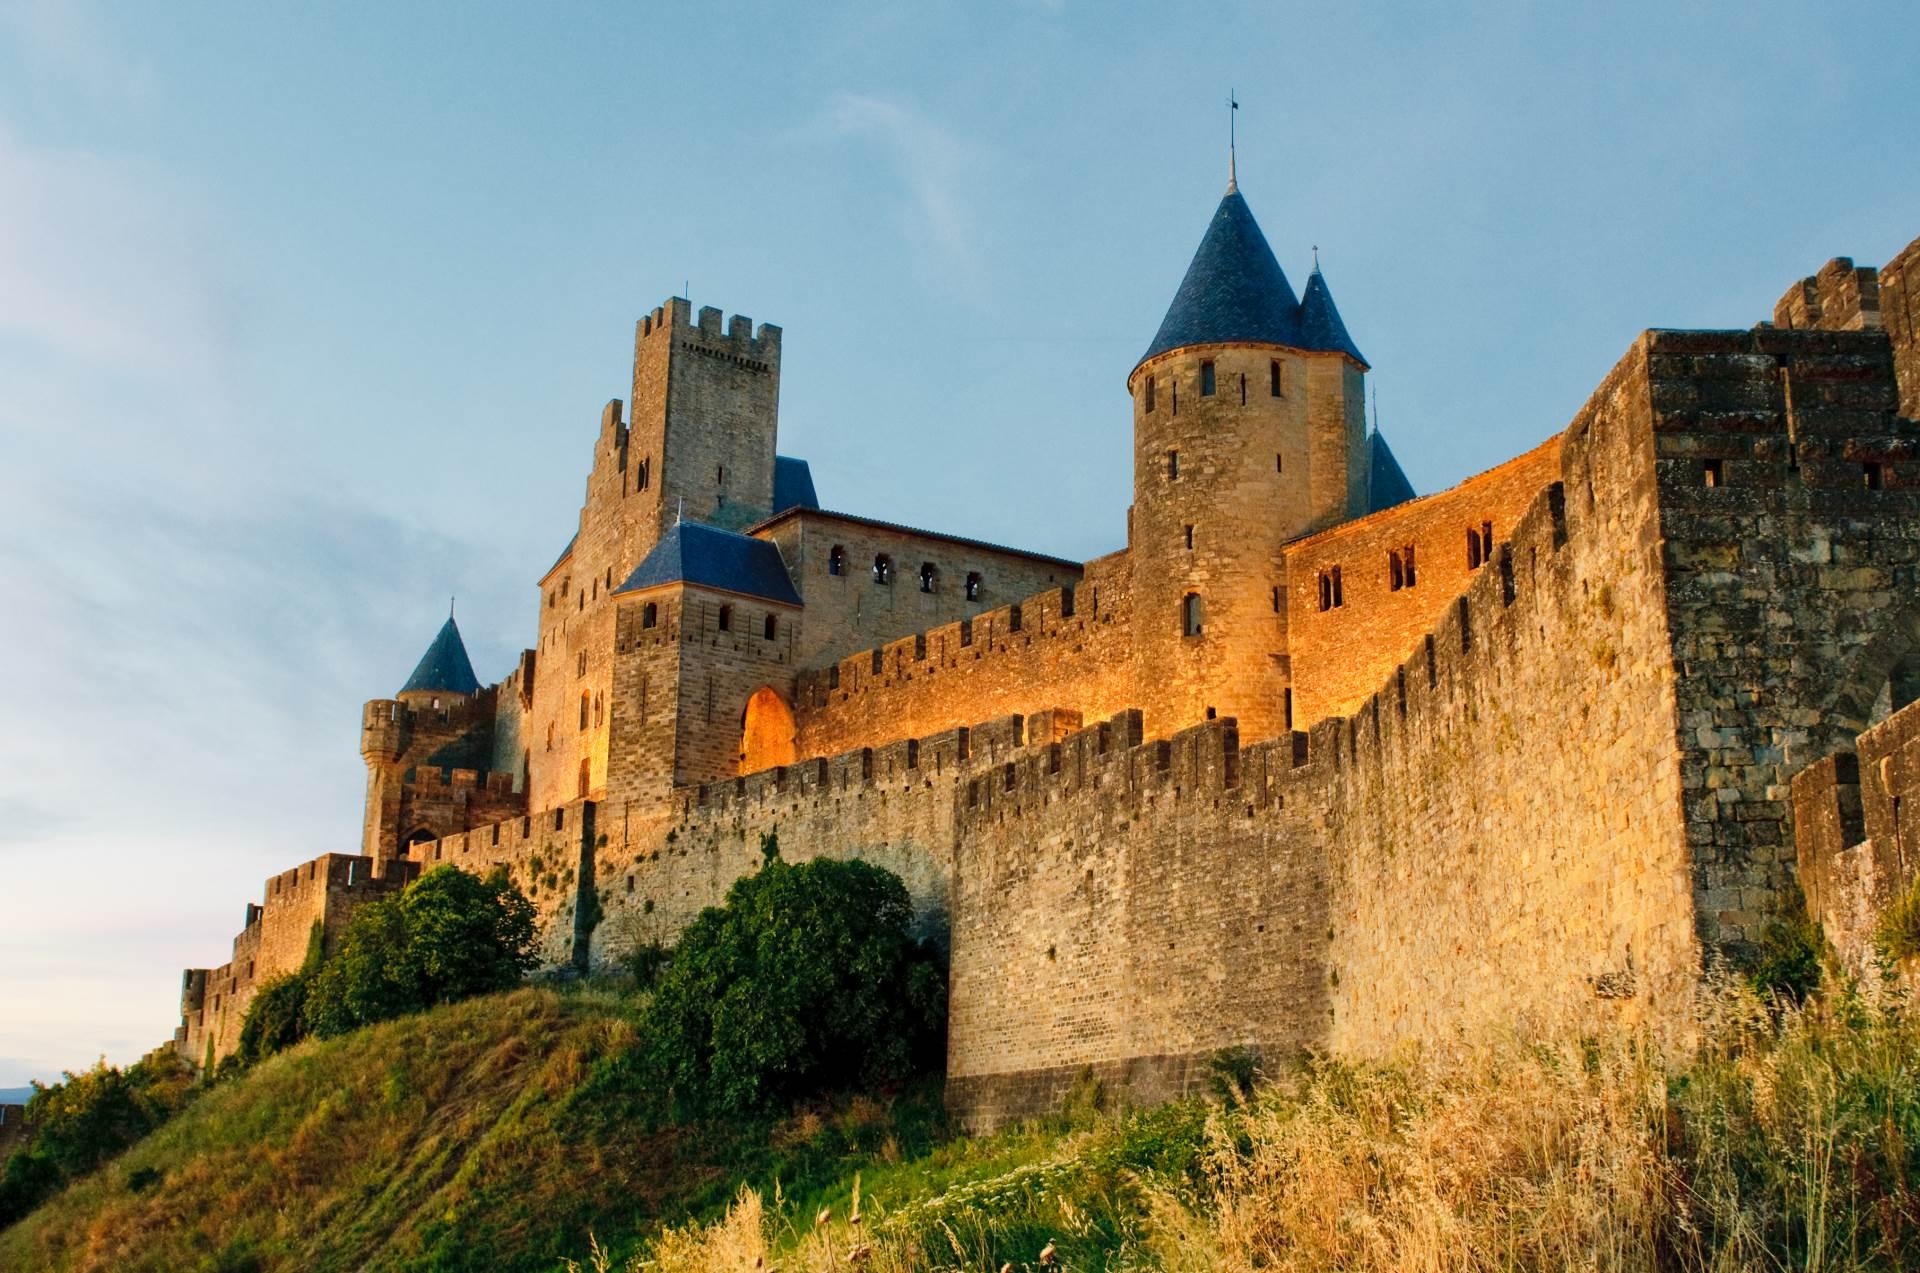 dvorac.jpg